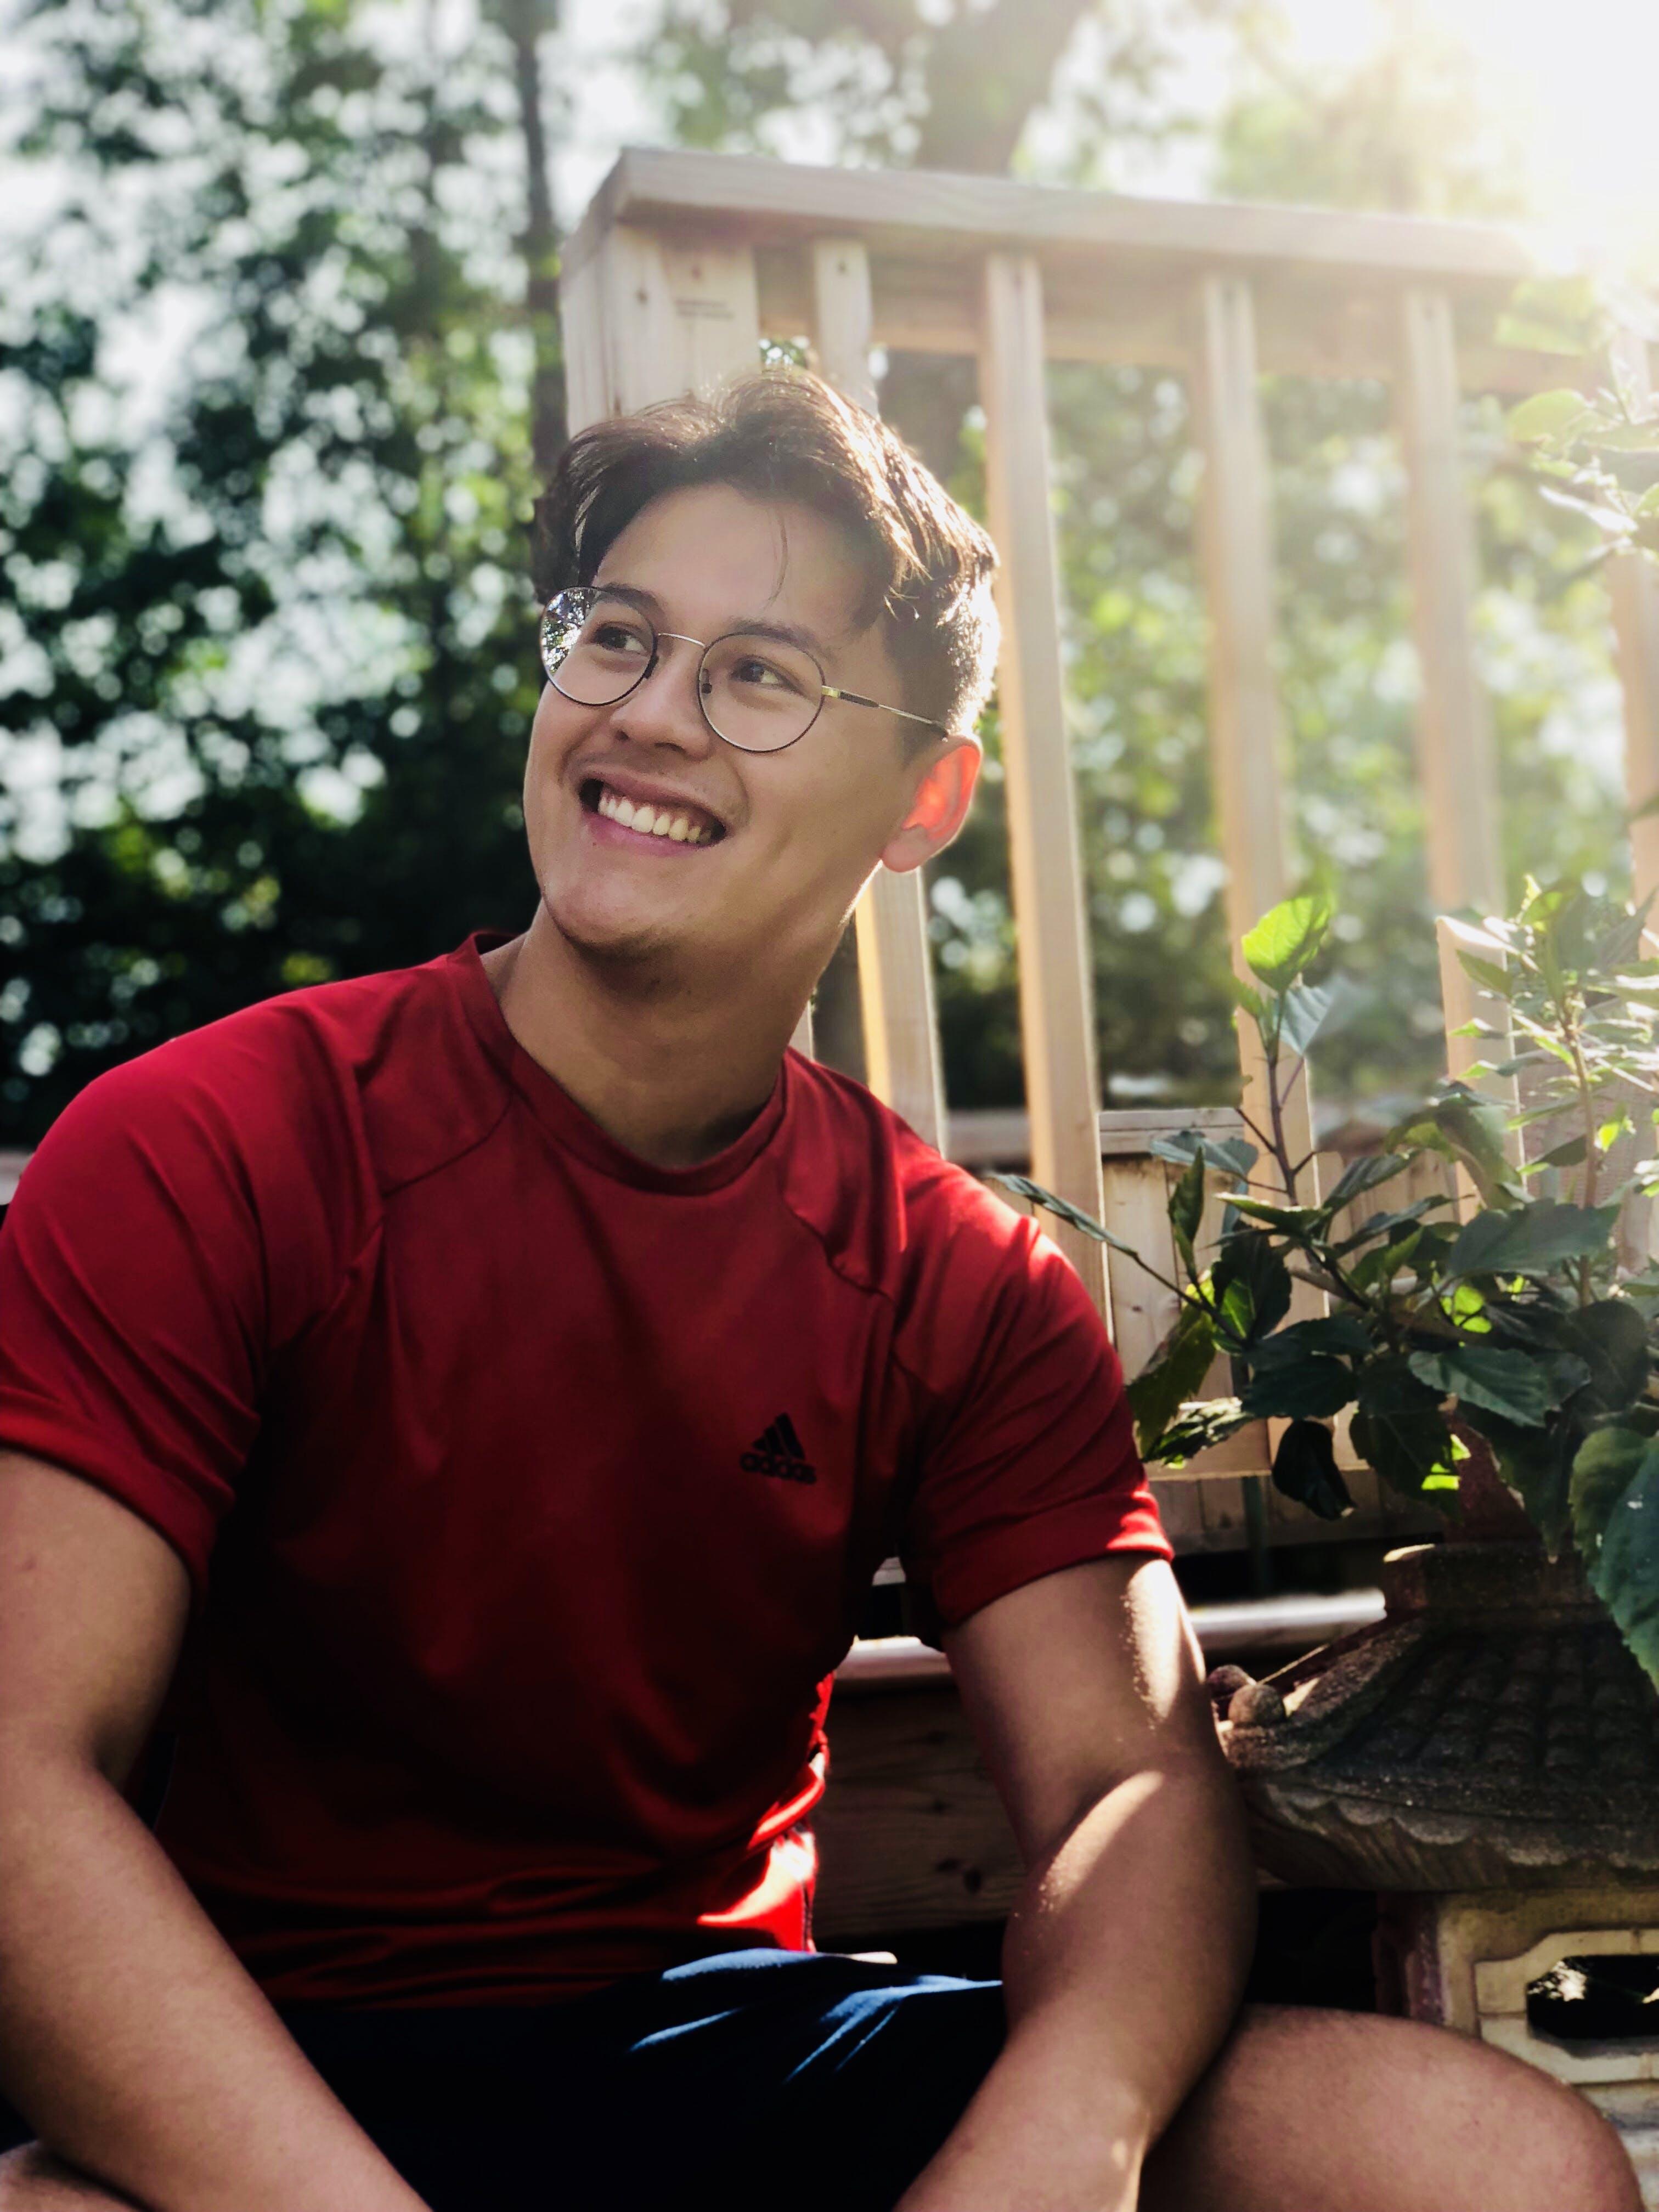 Man Wearing Red Shirt And Eyeglasses